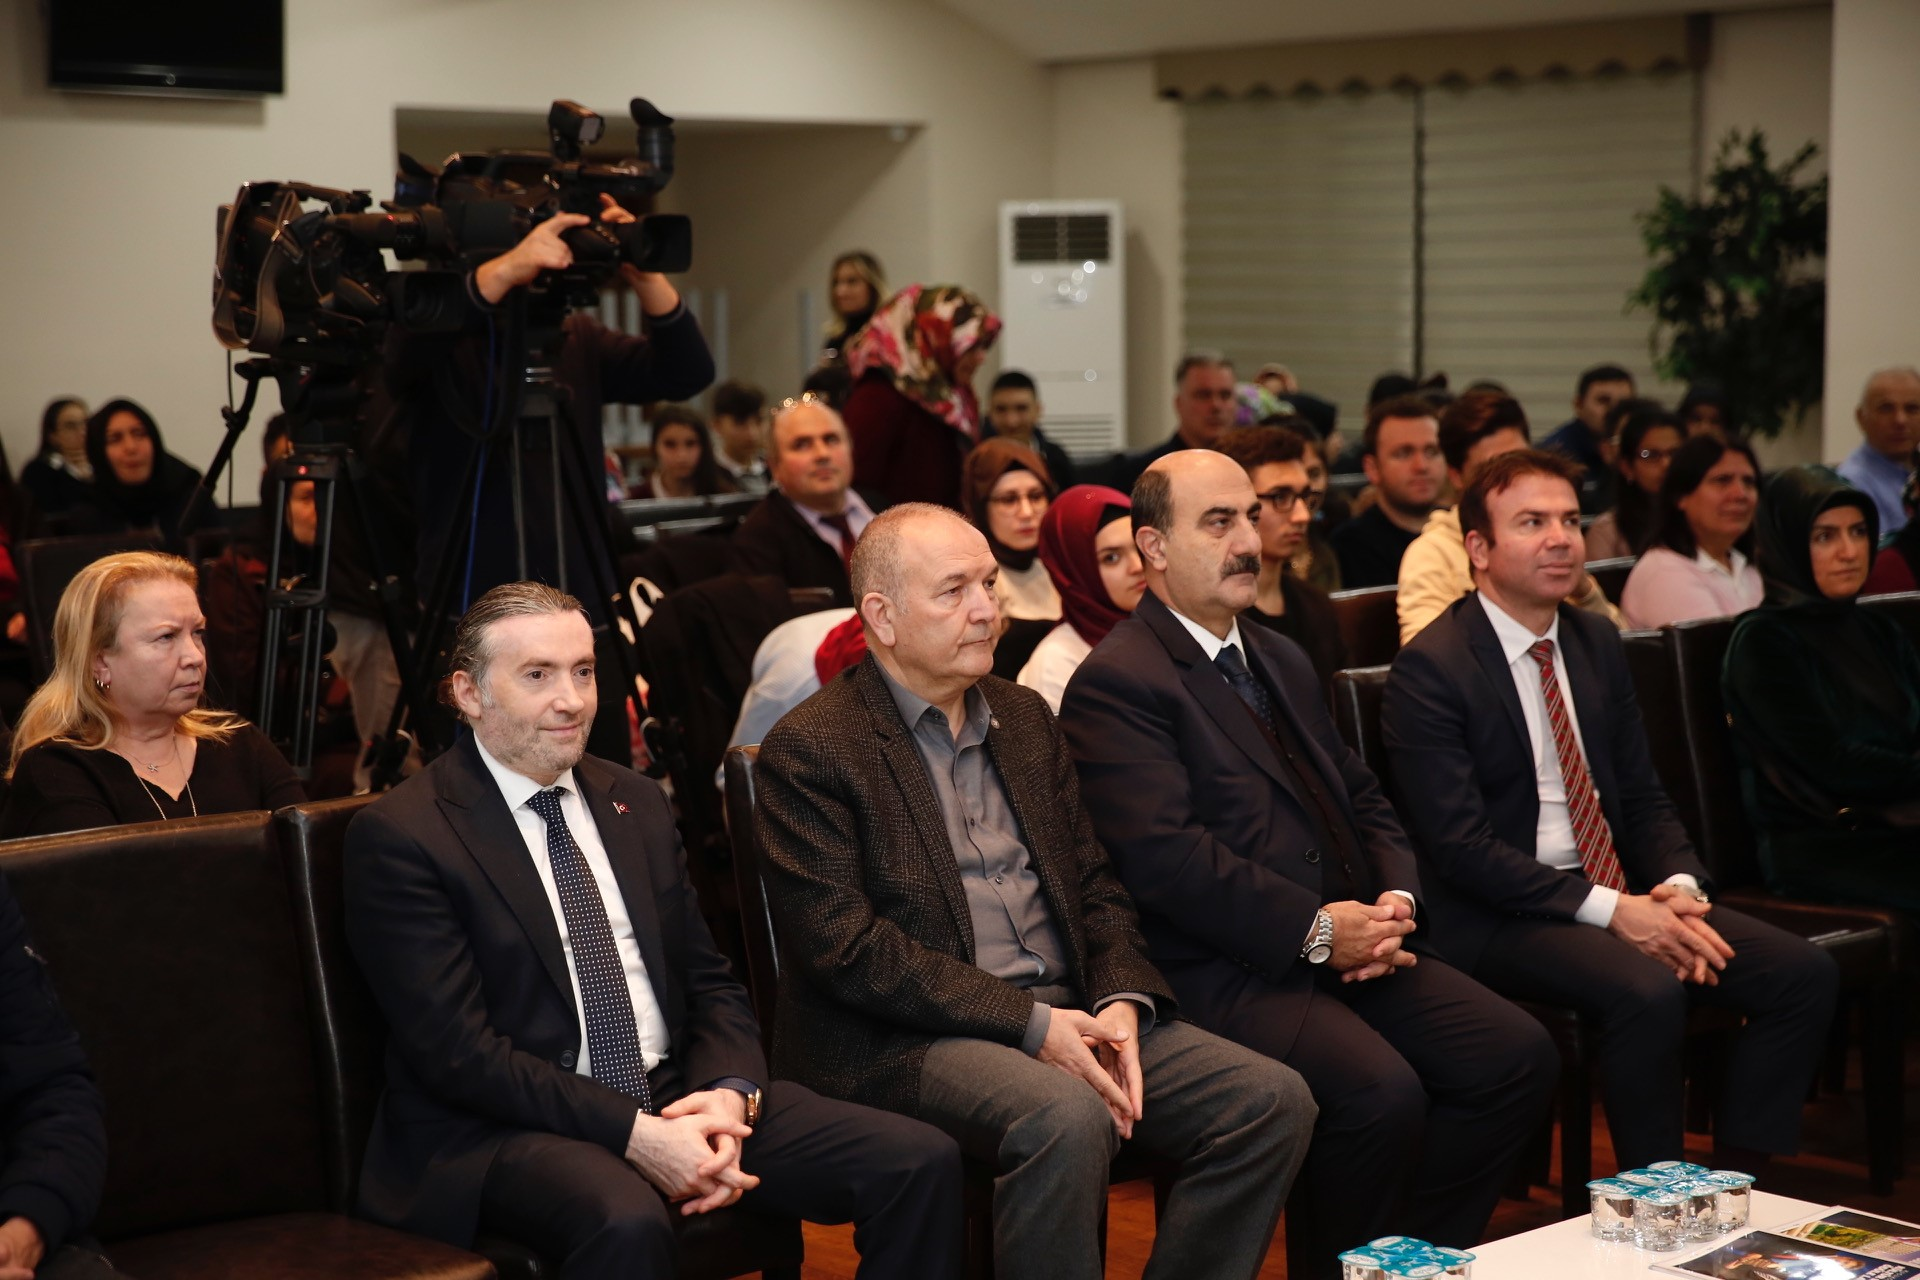 İstiklal Şairi Mehmet Akif Ersoy Küçükçekmece'de de anıldı